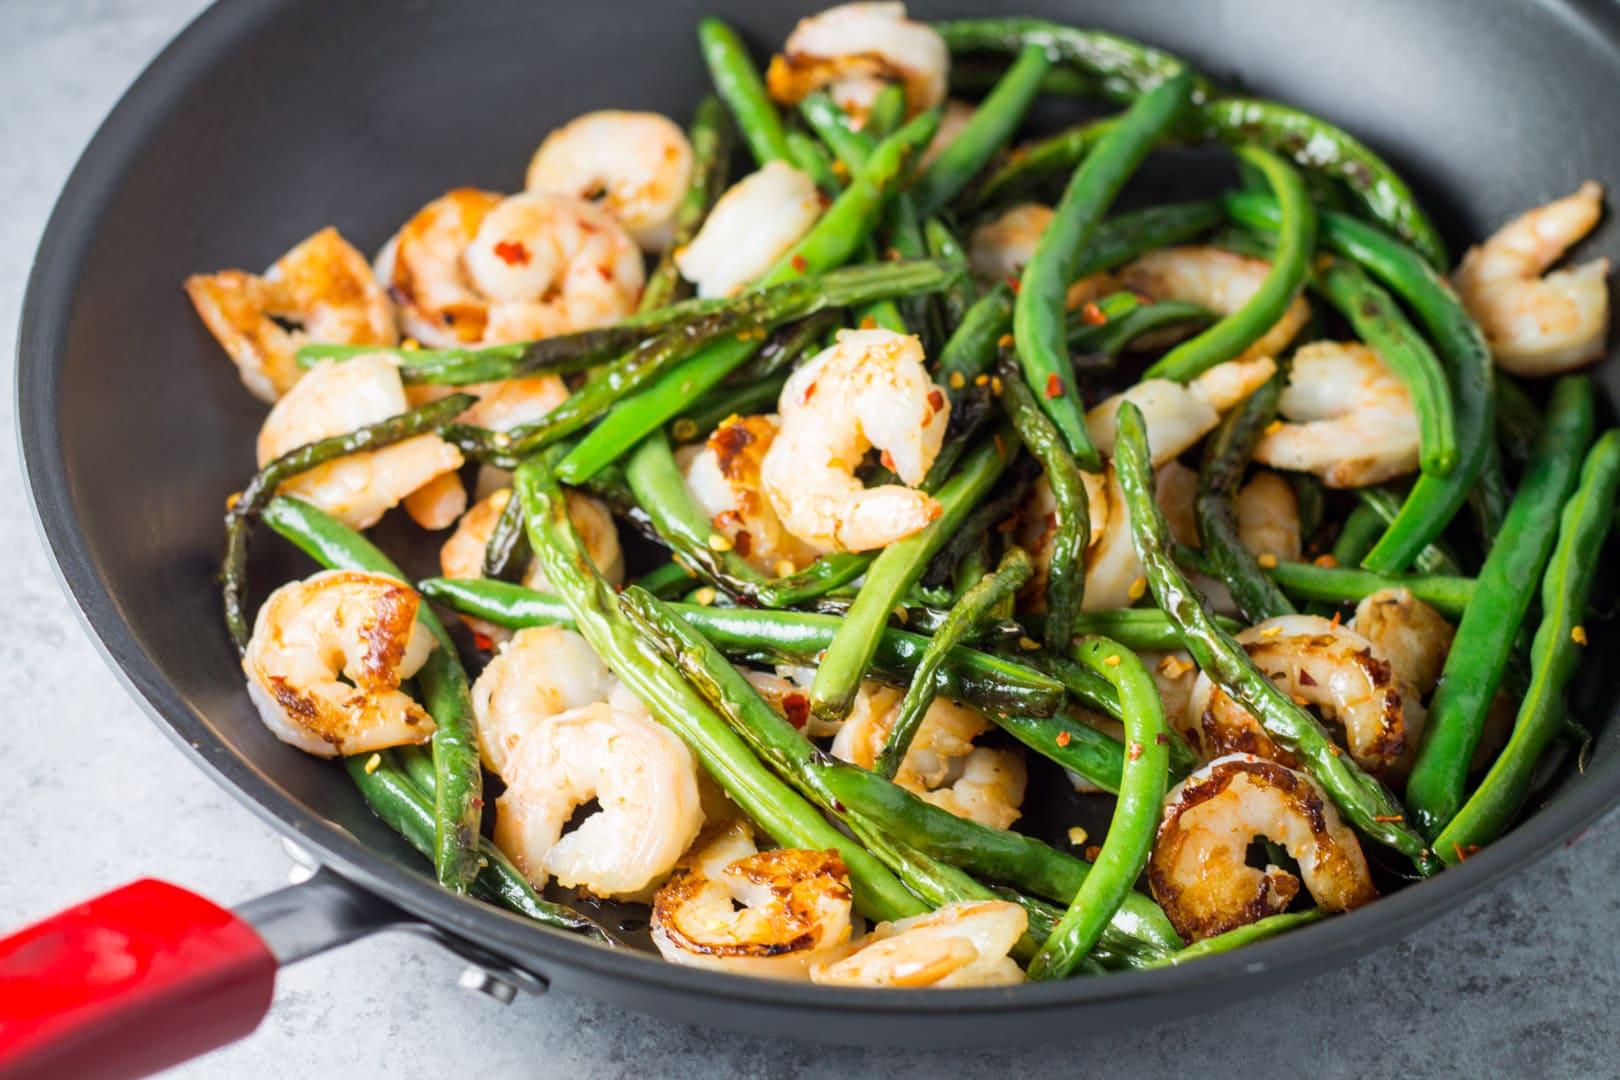 Shrimp and green bean stir fry